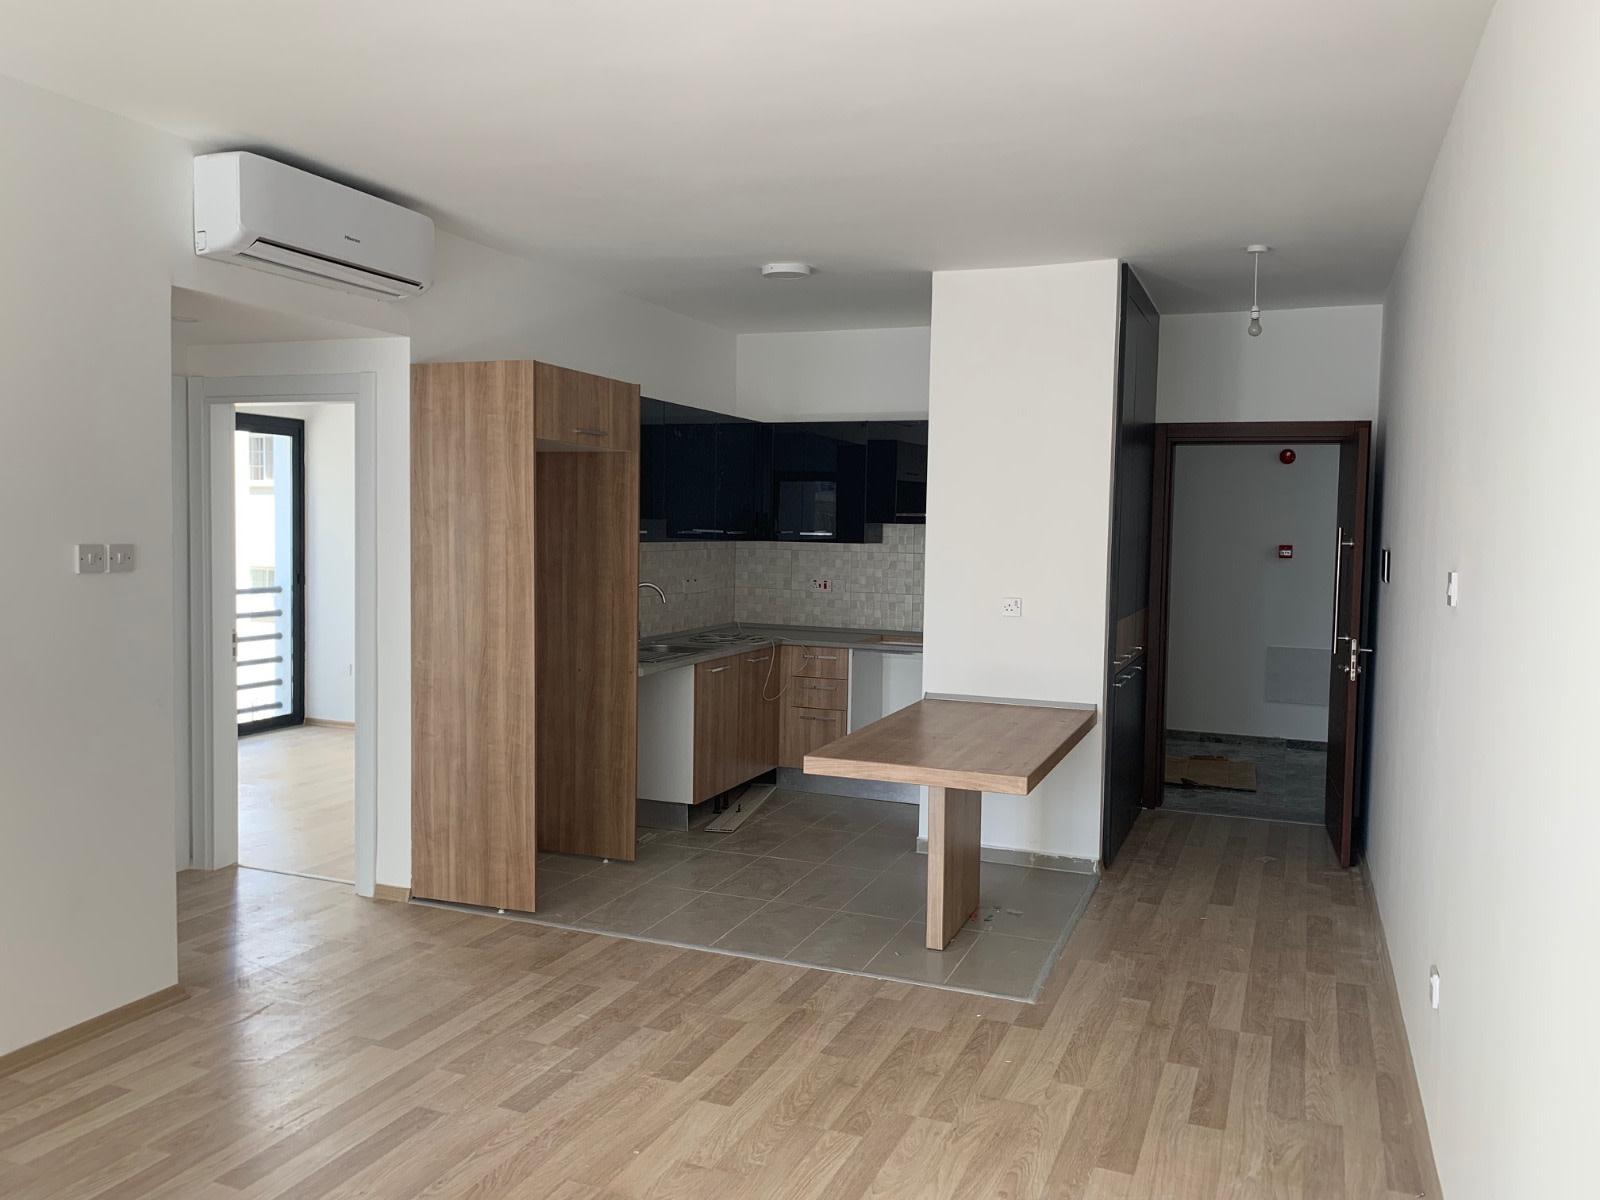 Nusmar yakını kiralık komple bina 2+1 eşyasız 13 daire 5200 STG / 0548 823 96 10 8947